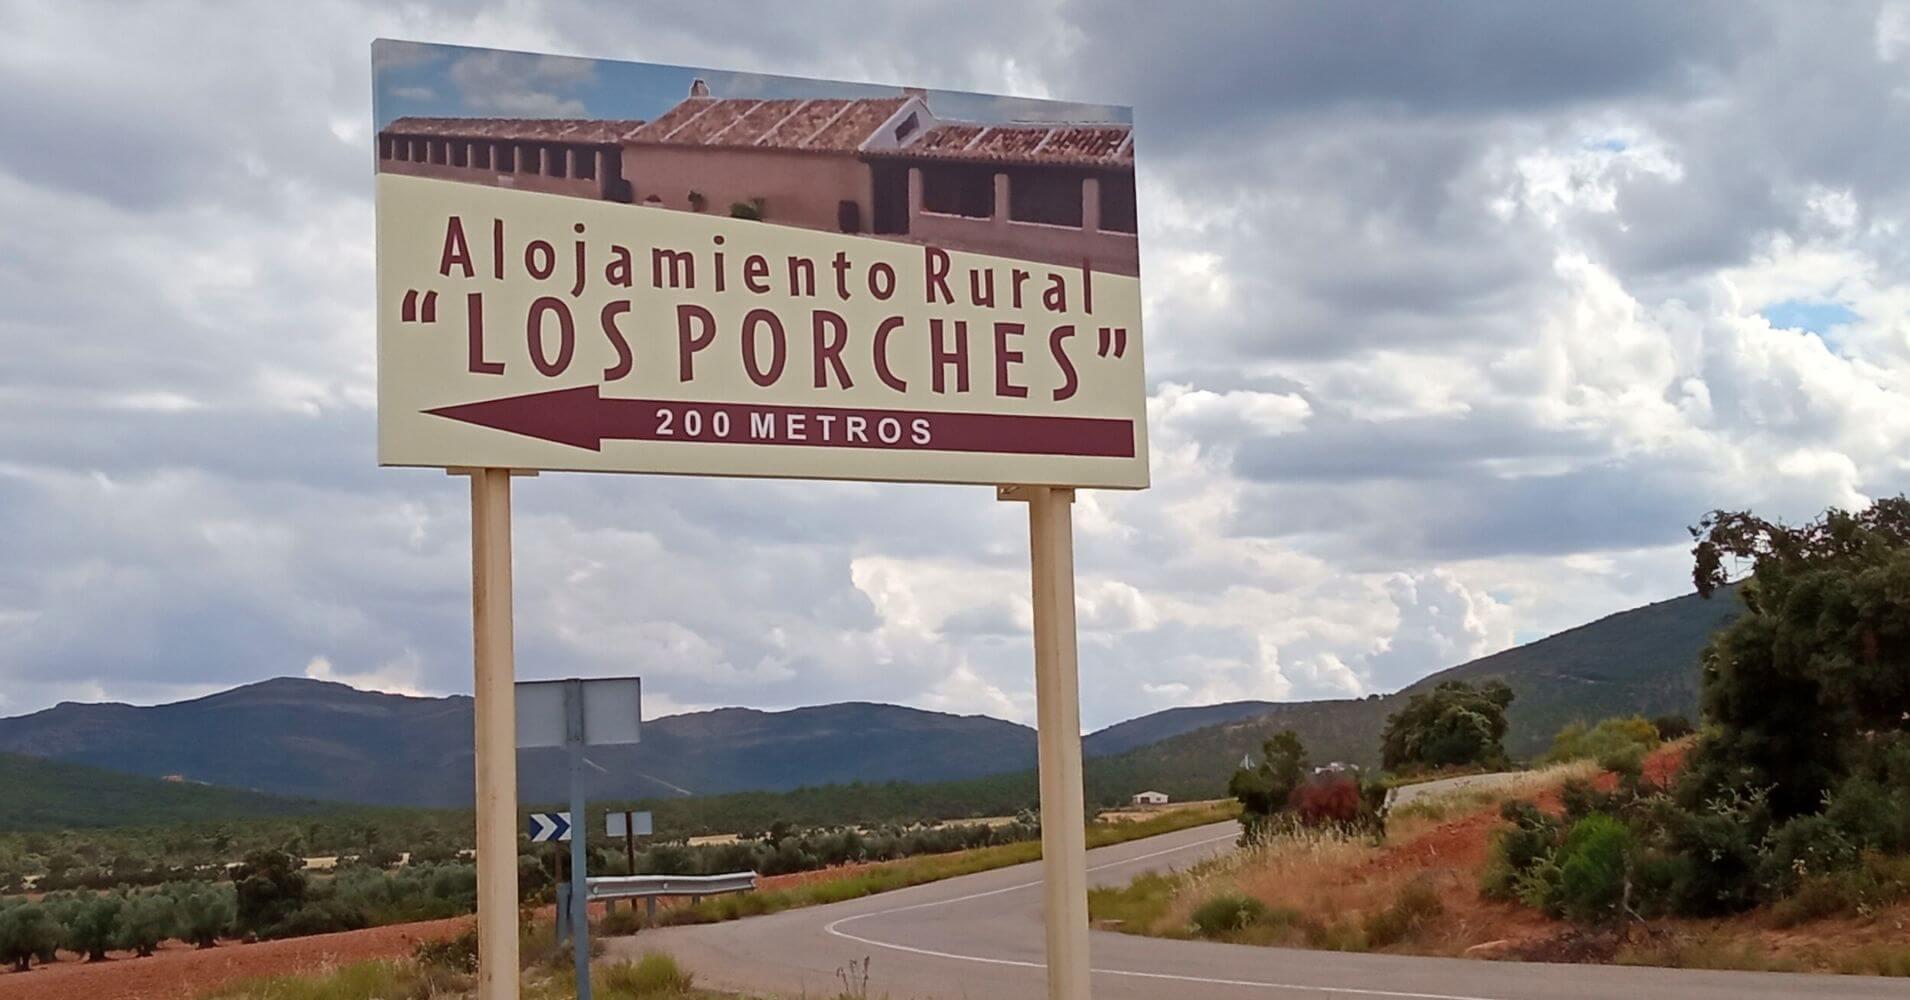 Cartel Casa Rural Los Porches. Sierra de Madridejos. Montes de Toledo. Madridejos, Toledo. Castilla La Mancha.